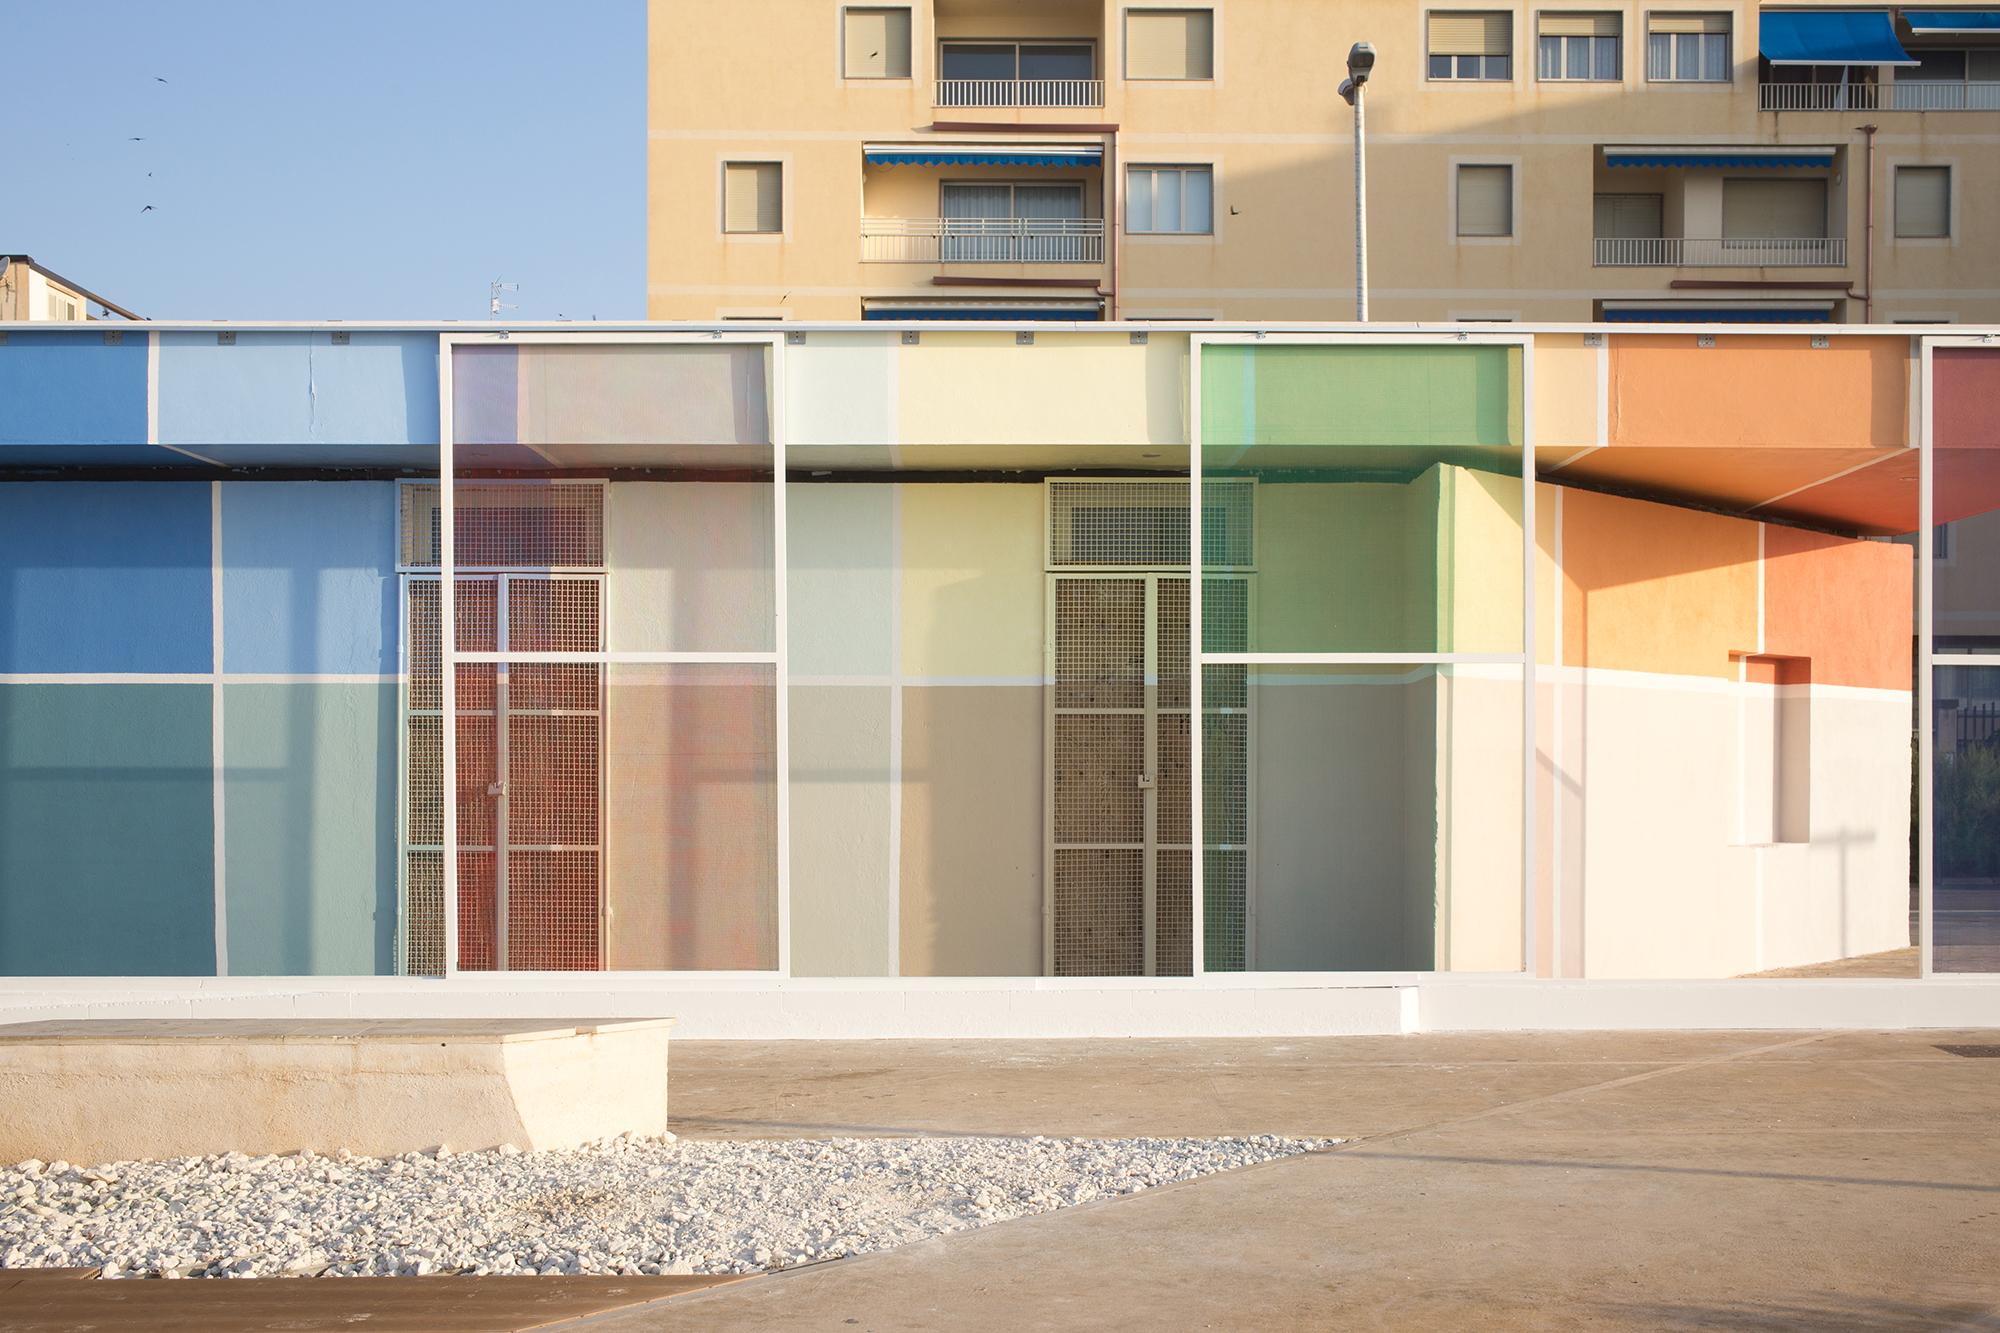 Alberonero architettura mobile Pozzallo Festival Border Arts